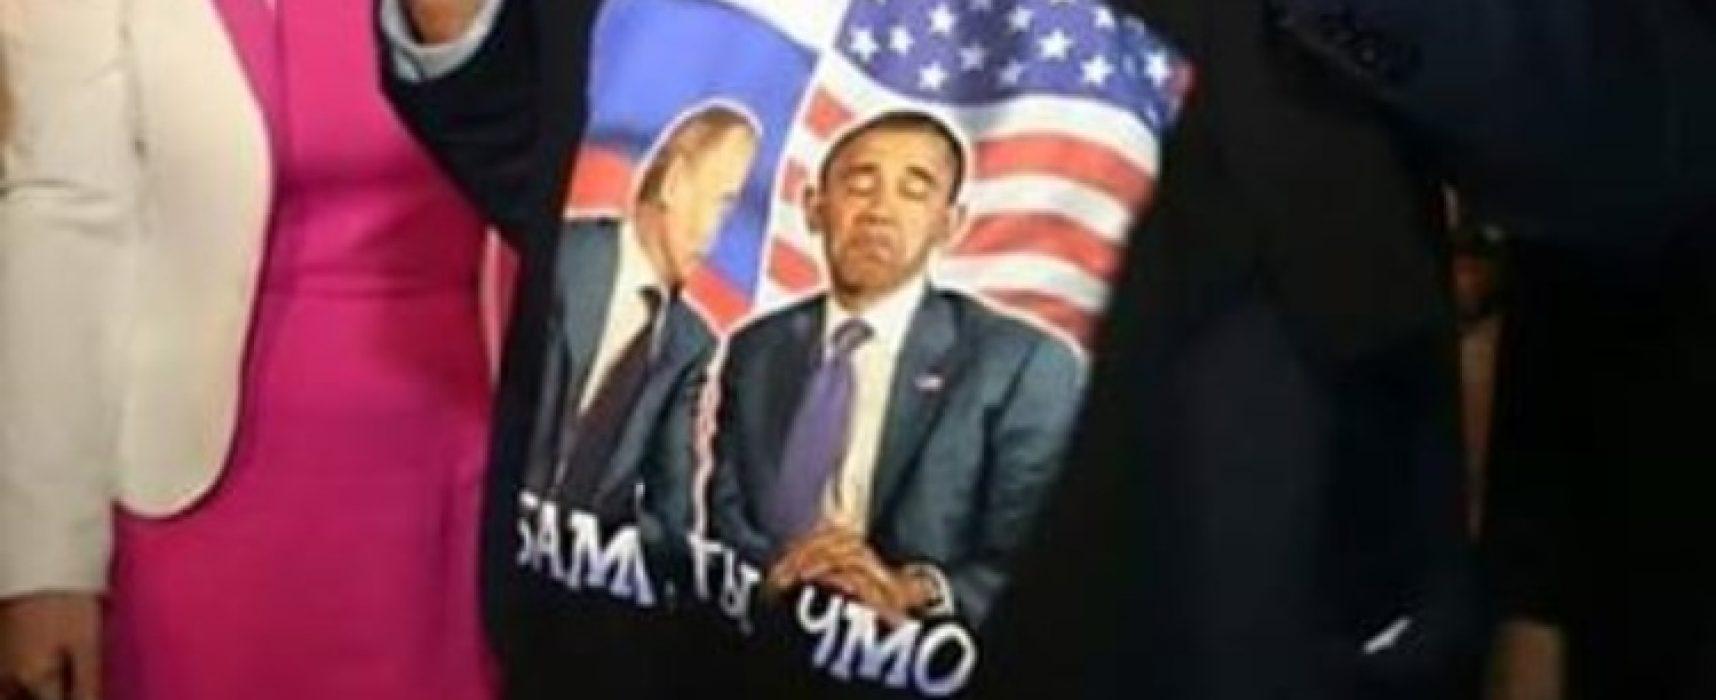 Quelques Sénateurs en campagne pour la levée des sanctions contre la Russie